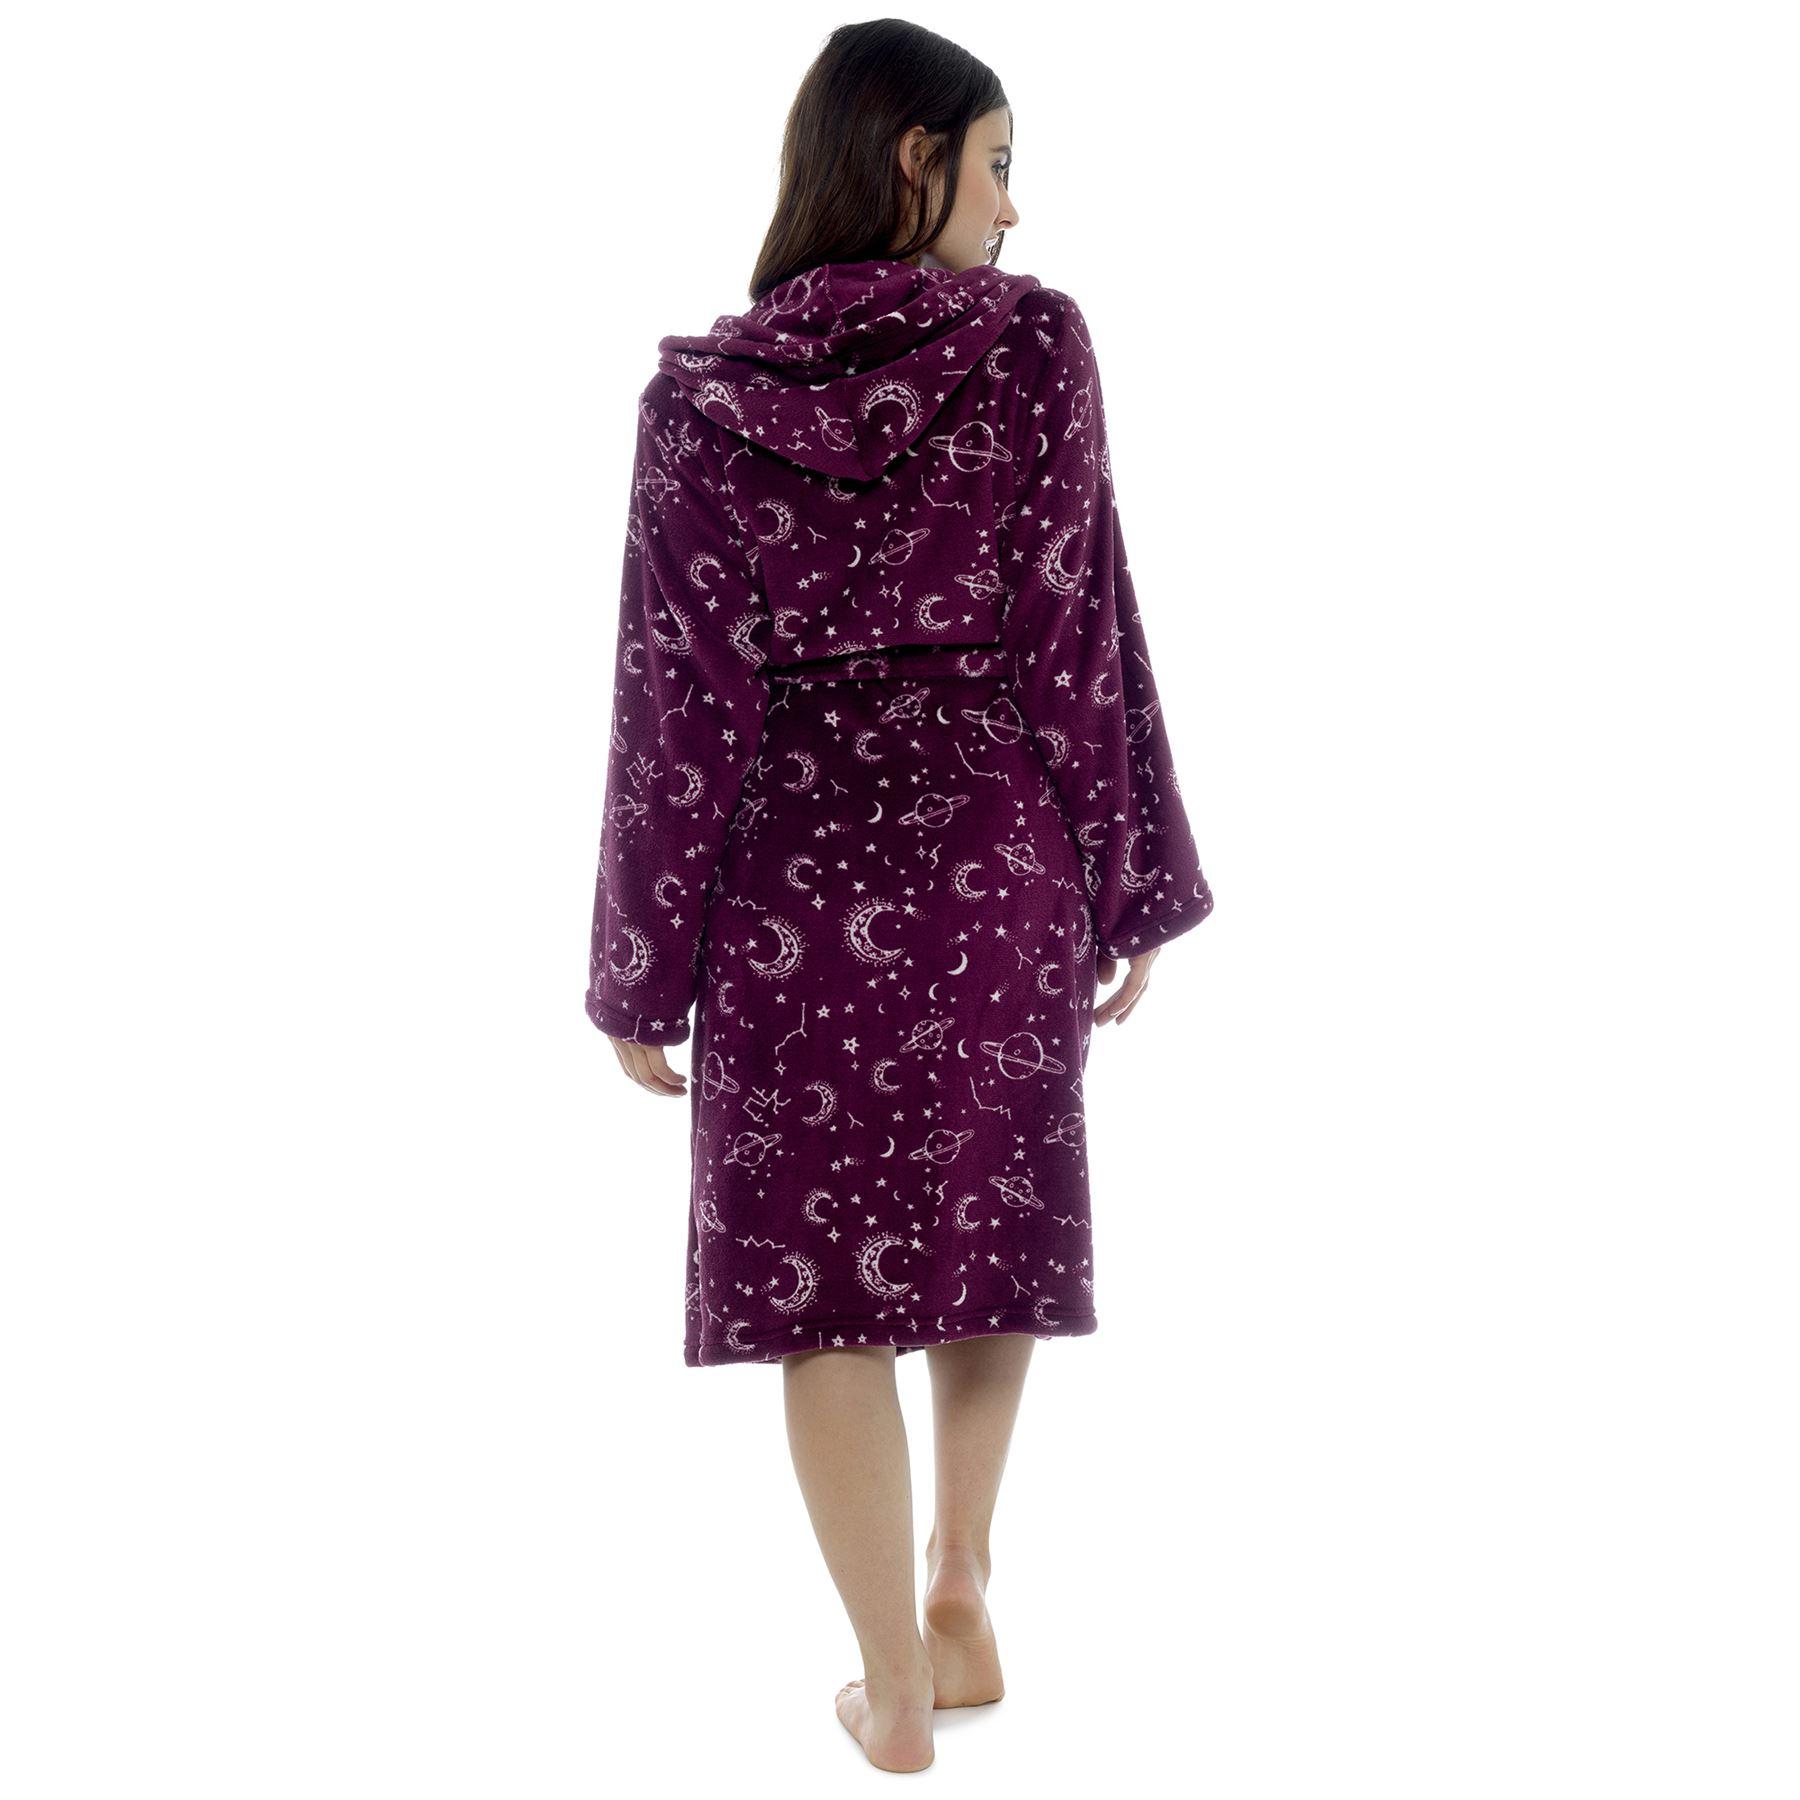 Femmes Star Gazer Imprimé Doux Chaud Polaire Robe de Chambre Hiver Taille 8-22